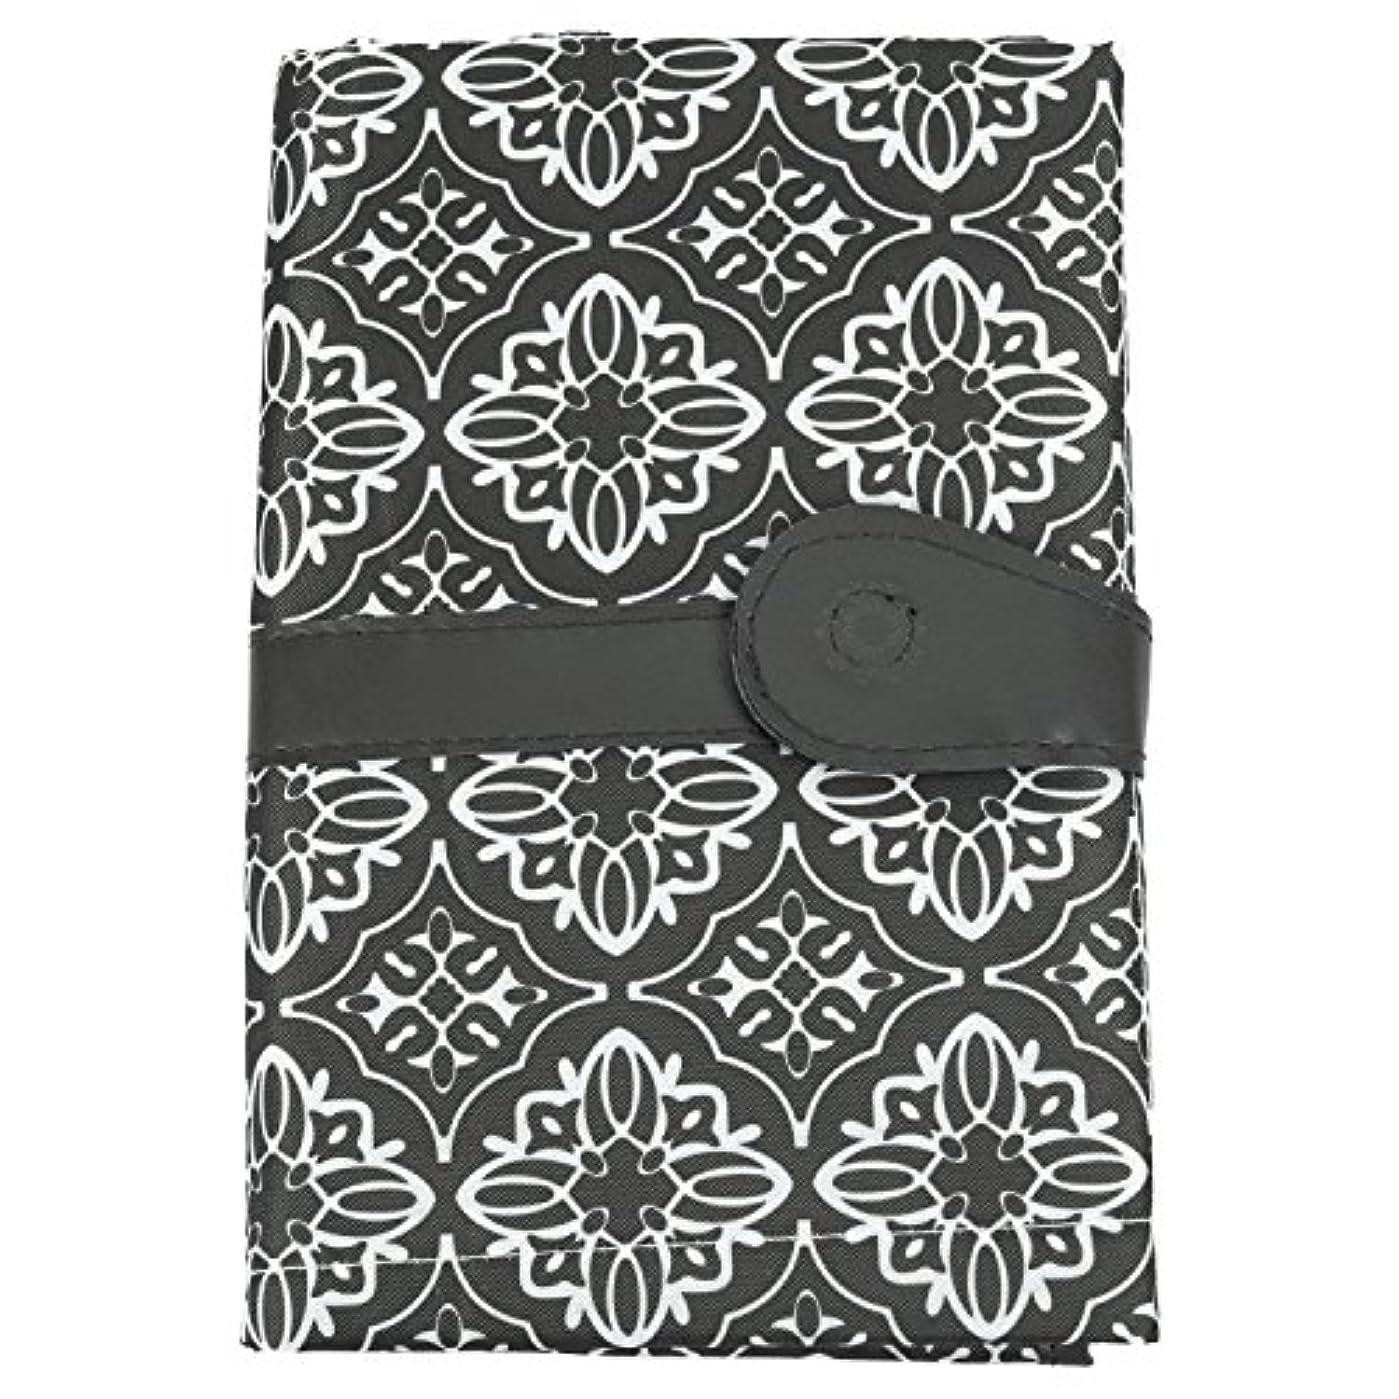 Xigeapg 多目的ポータブルベビーおむつ袋ストレージ両親ための折りたたみ式防水紙おむつマット尿パッド看護バッグベビーケア(グレー花柄)